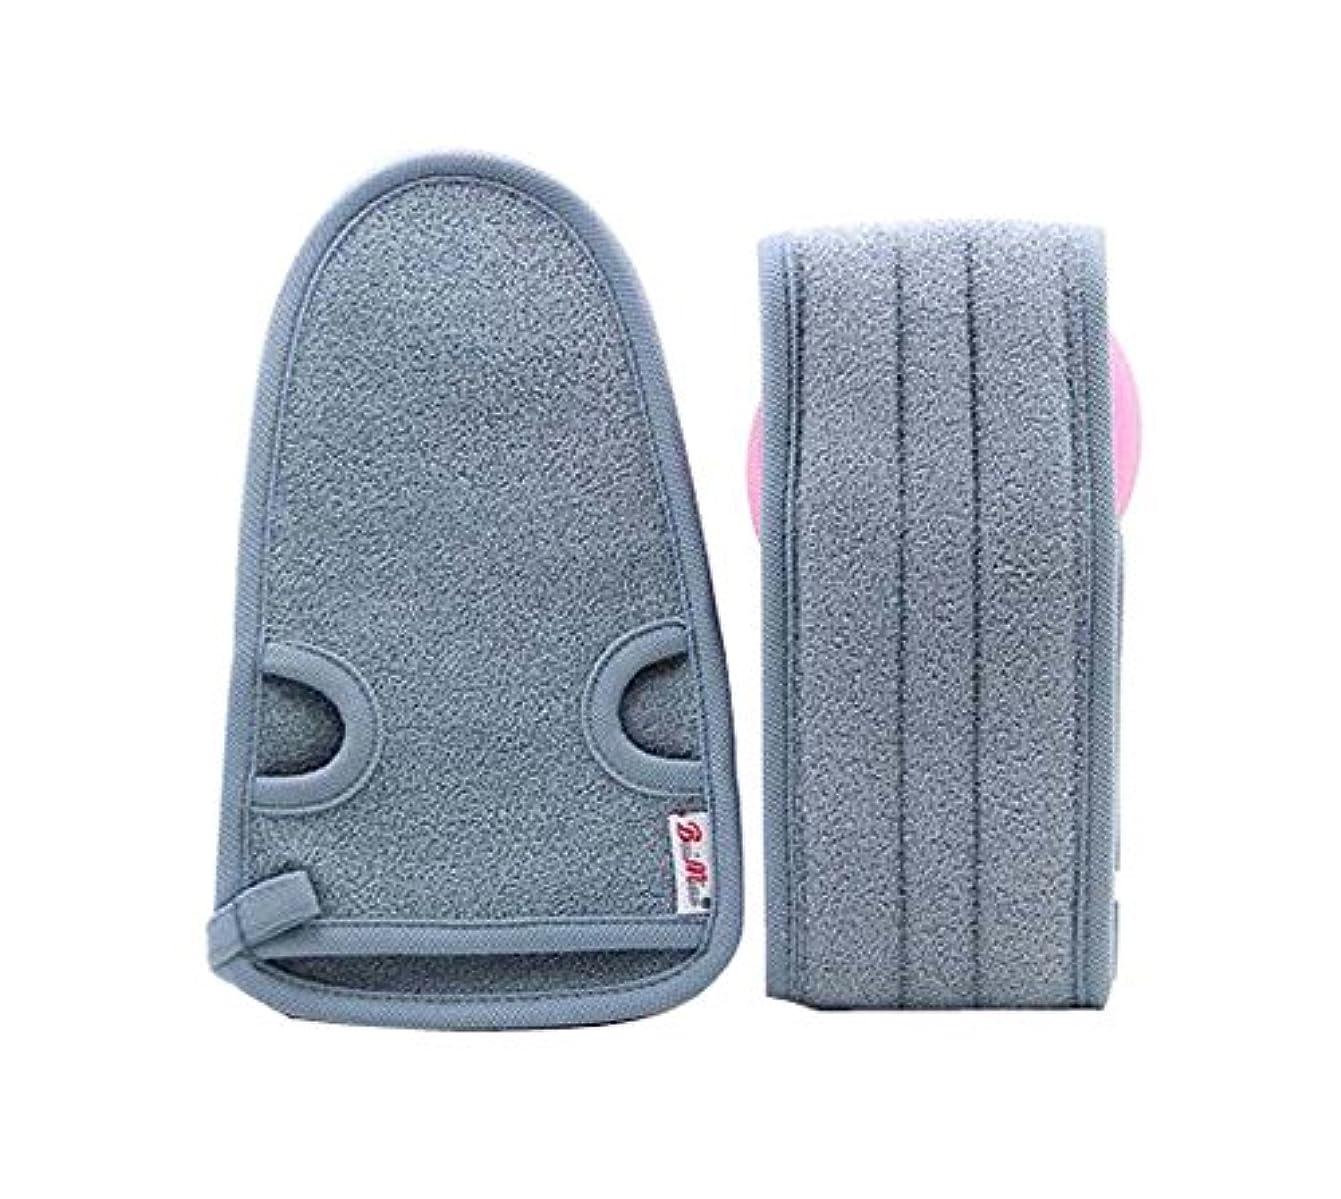 イースター適応的直立男性のための実用的な柔らかい浴室の手袋の角質除去、2つの灰色